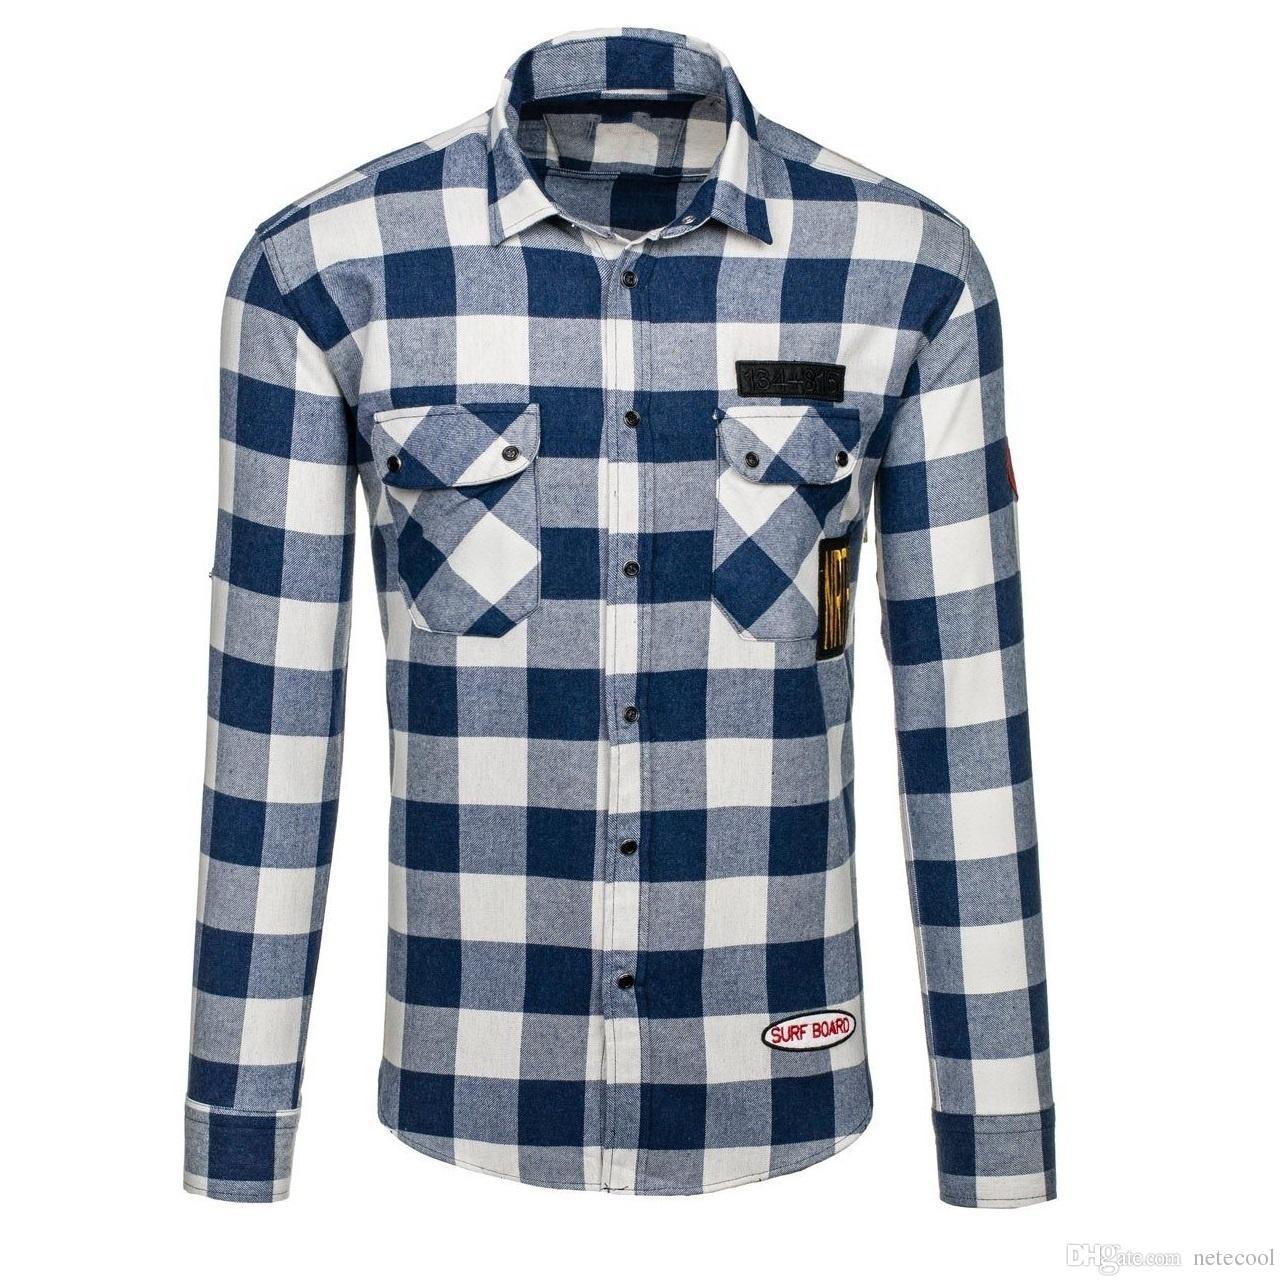 ab39c1838d Compre 2018 Nueva Marca Shirs Hombres Camisa De Algodón A Cuadros Cálida  Moda Masculina De Manga Larga Camisa Casual Hombres Jóvenes Camisas De  Vestir Más ...